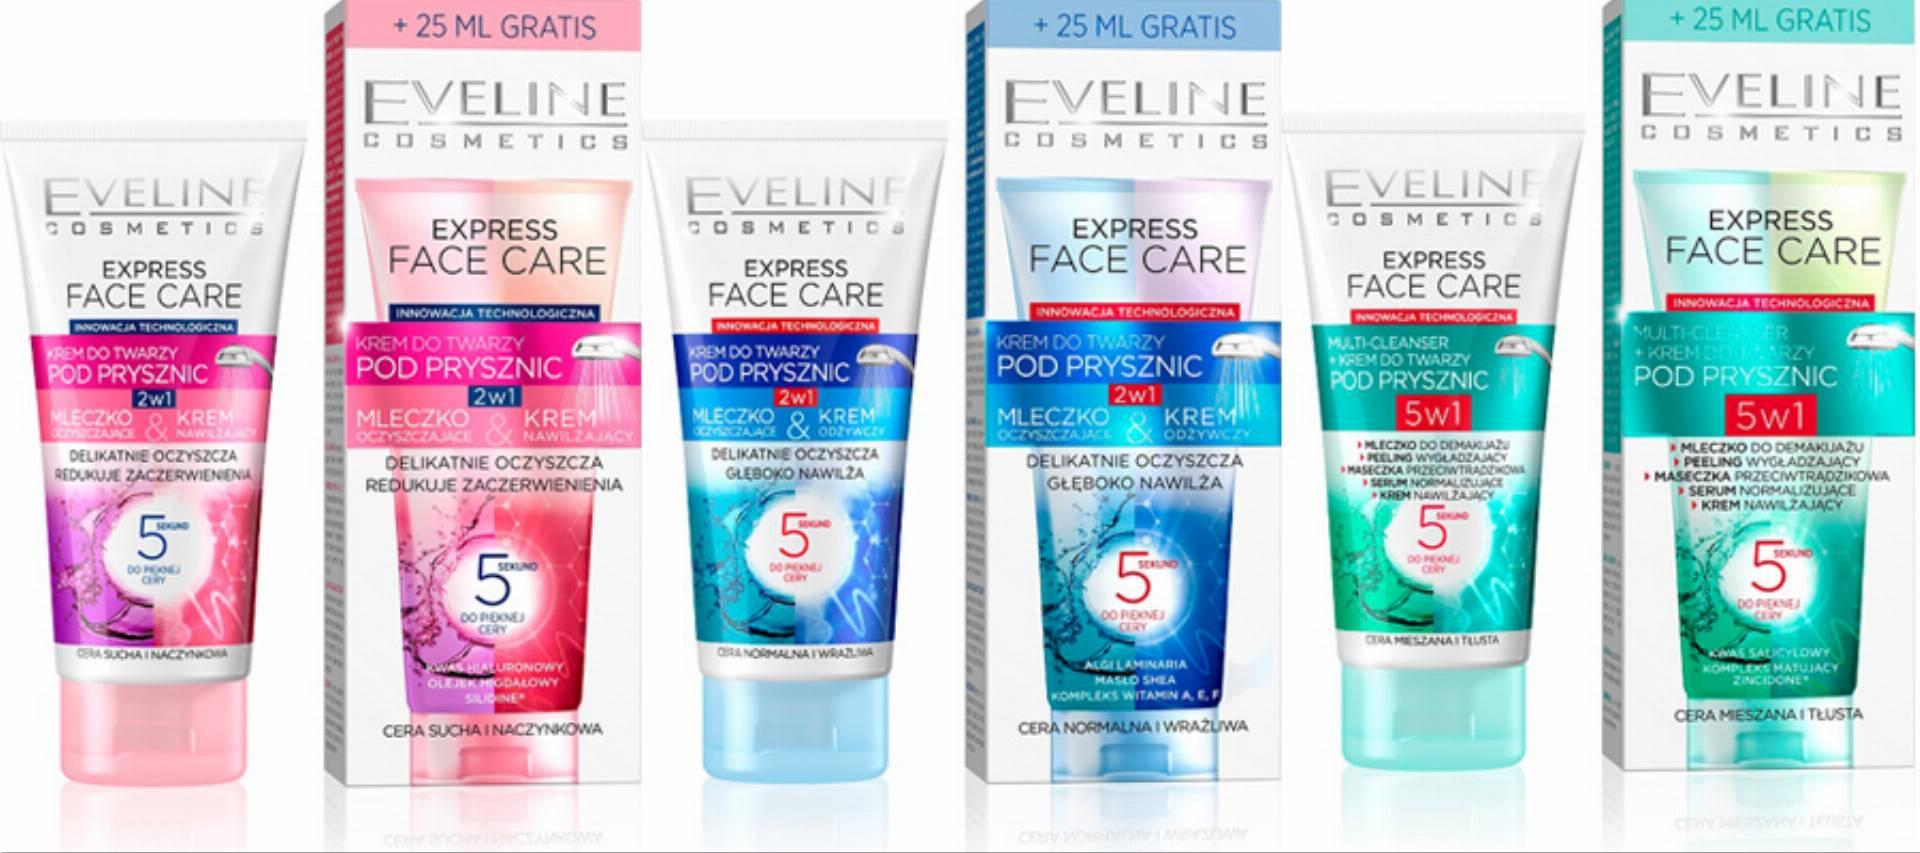 Znalezione obrazy dla zapytania eveline cosmetics krem do twarzy